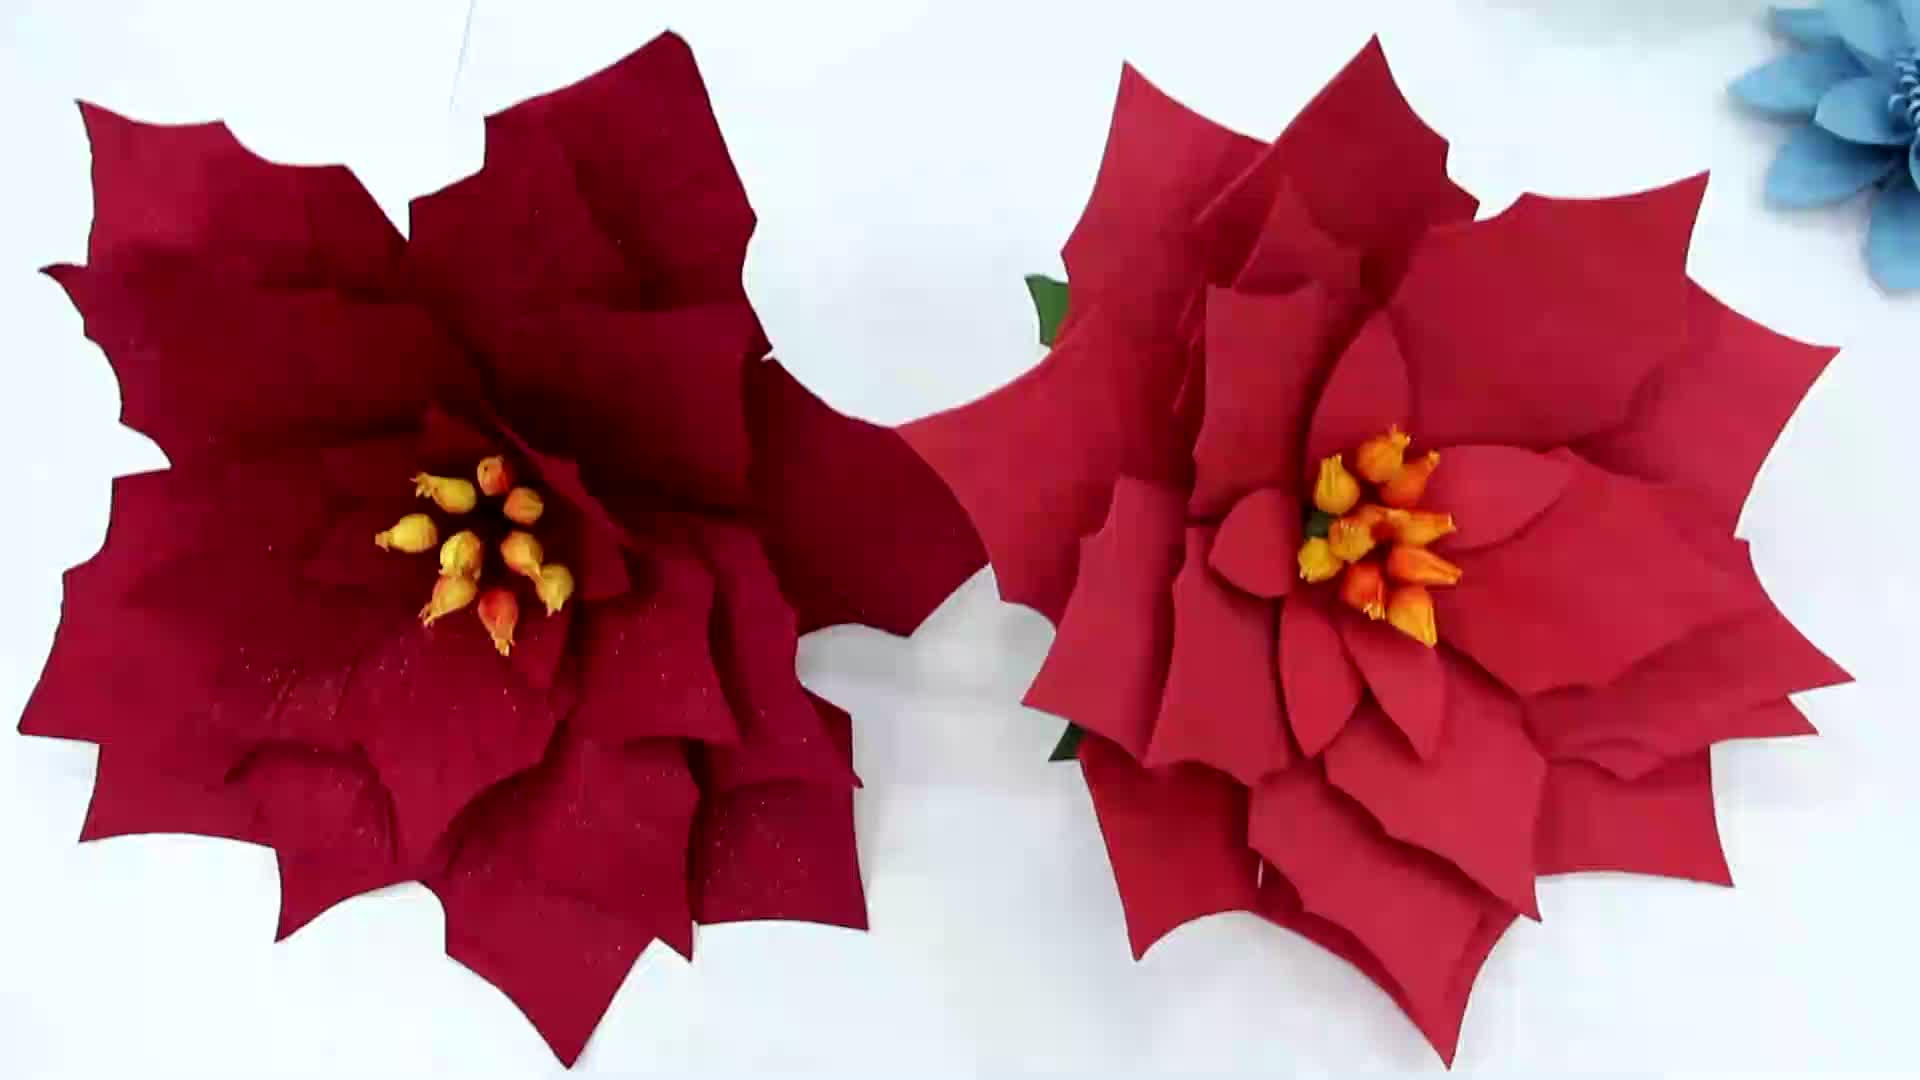 ประดิษฐ์สีแดง poinsettia กระดาษคริสต์มาสตกแต่งโฟมดอกไม้หัว WALL